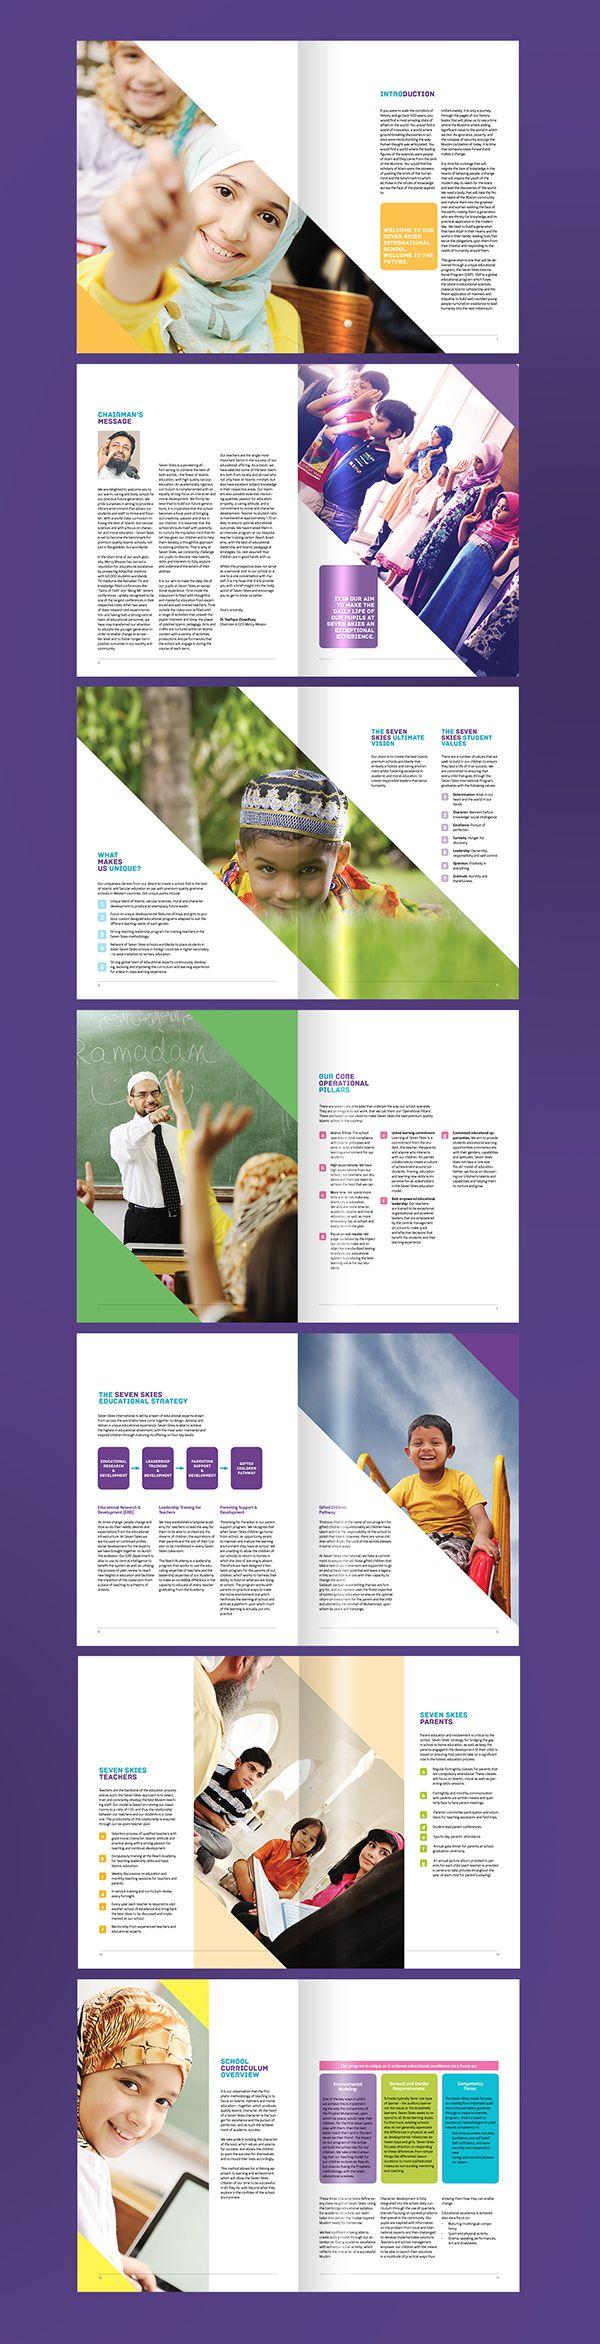 school brochure design ideas - Ideal.vistalist.co